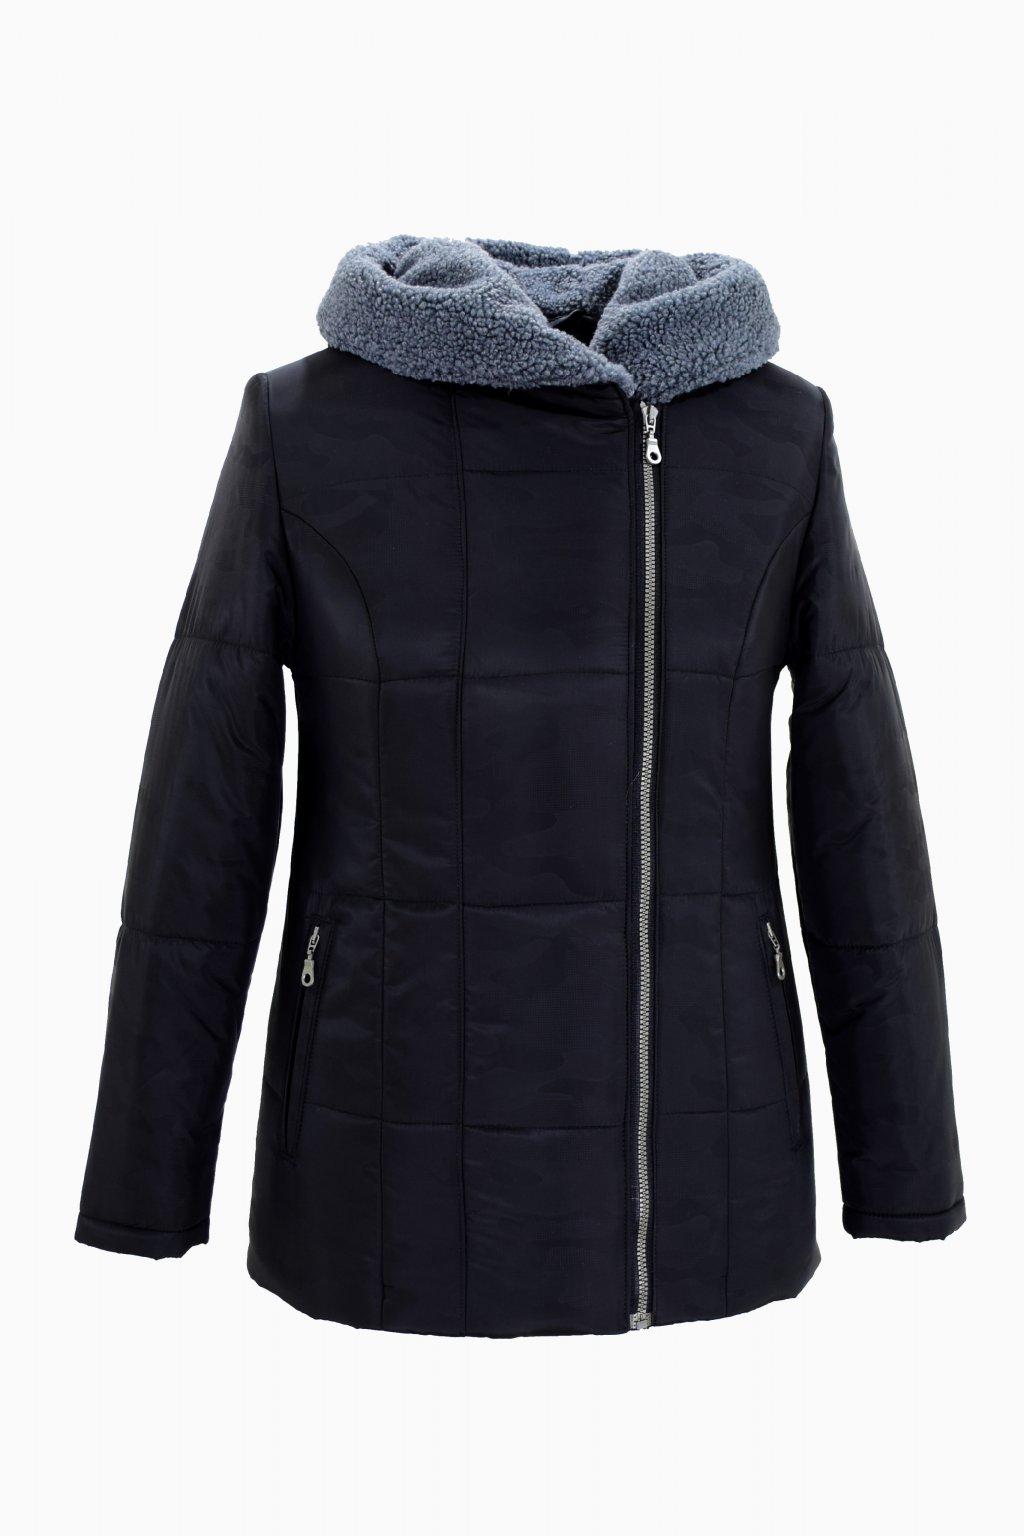 Dámská černá zimní bunda XENA nadměrné velikosti.